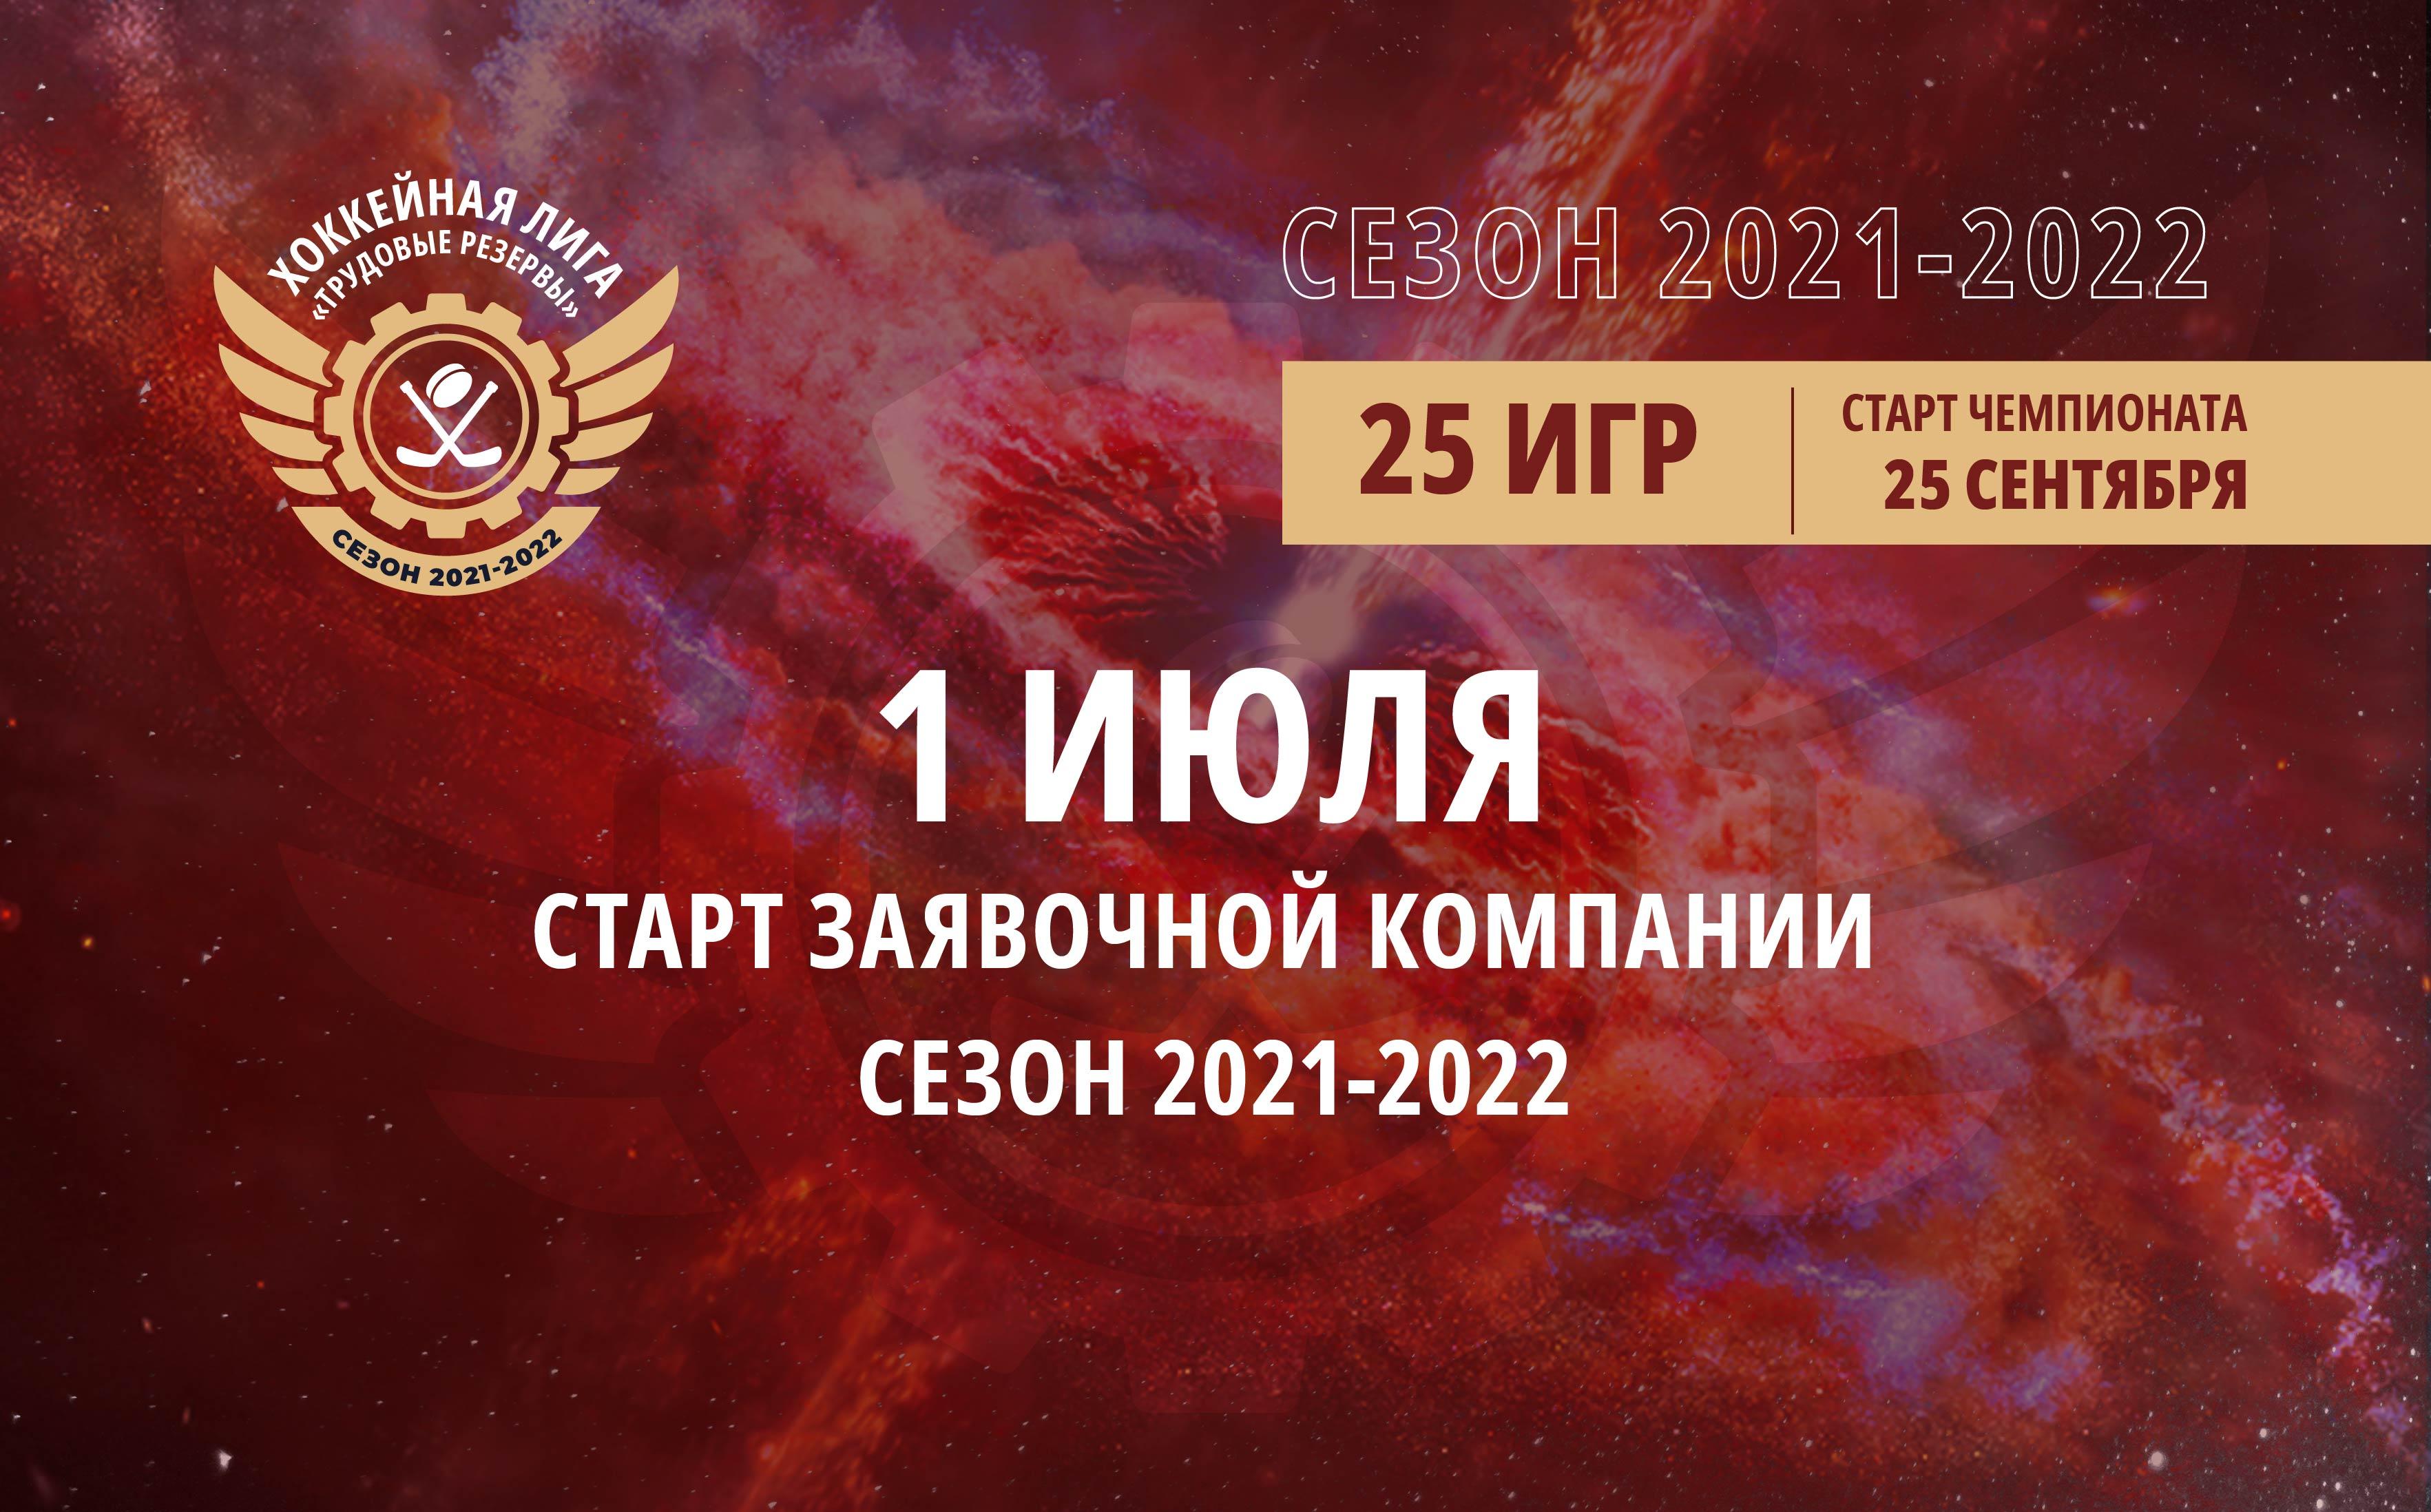 Прием заявок на участие во втором сезоне Хоккейной Лиги «Трудовые Резервы»